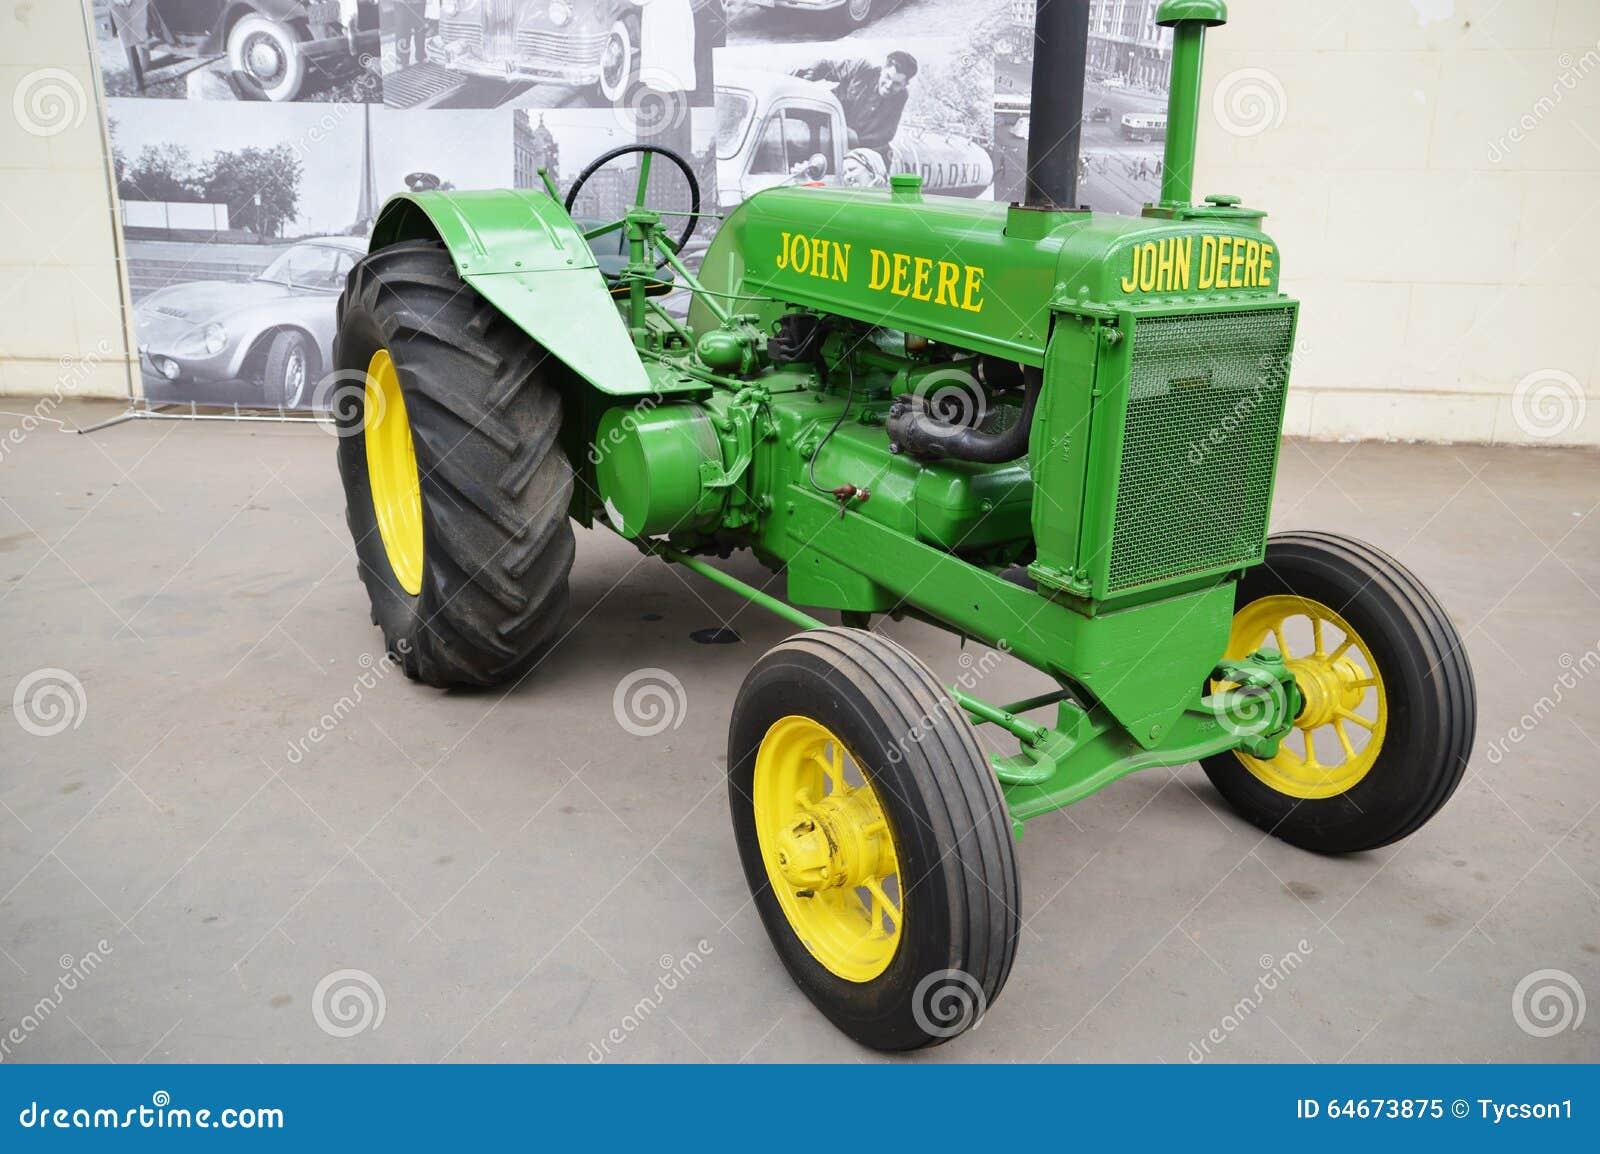 Deerejohn traktor